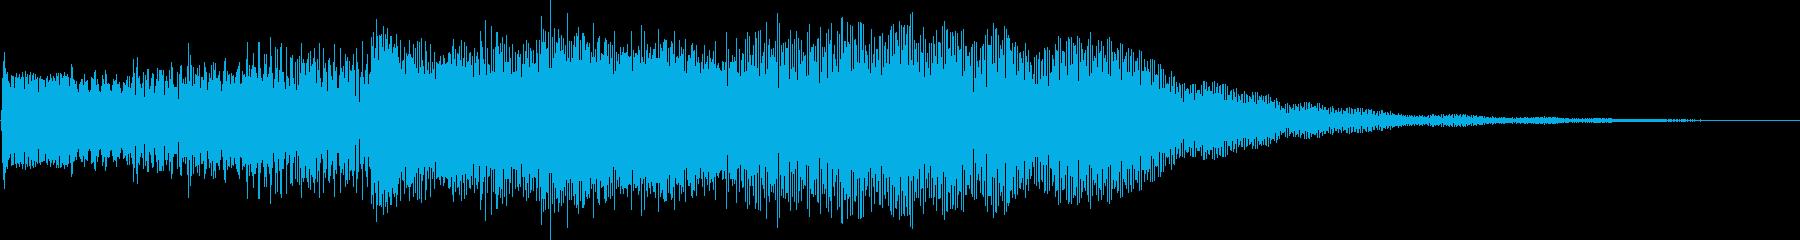 謎を投げかける・謎解き・不思議な雰囲気1の再生済みの波形